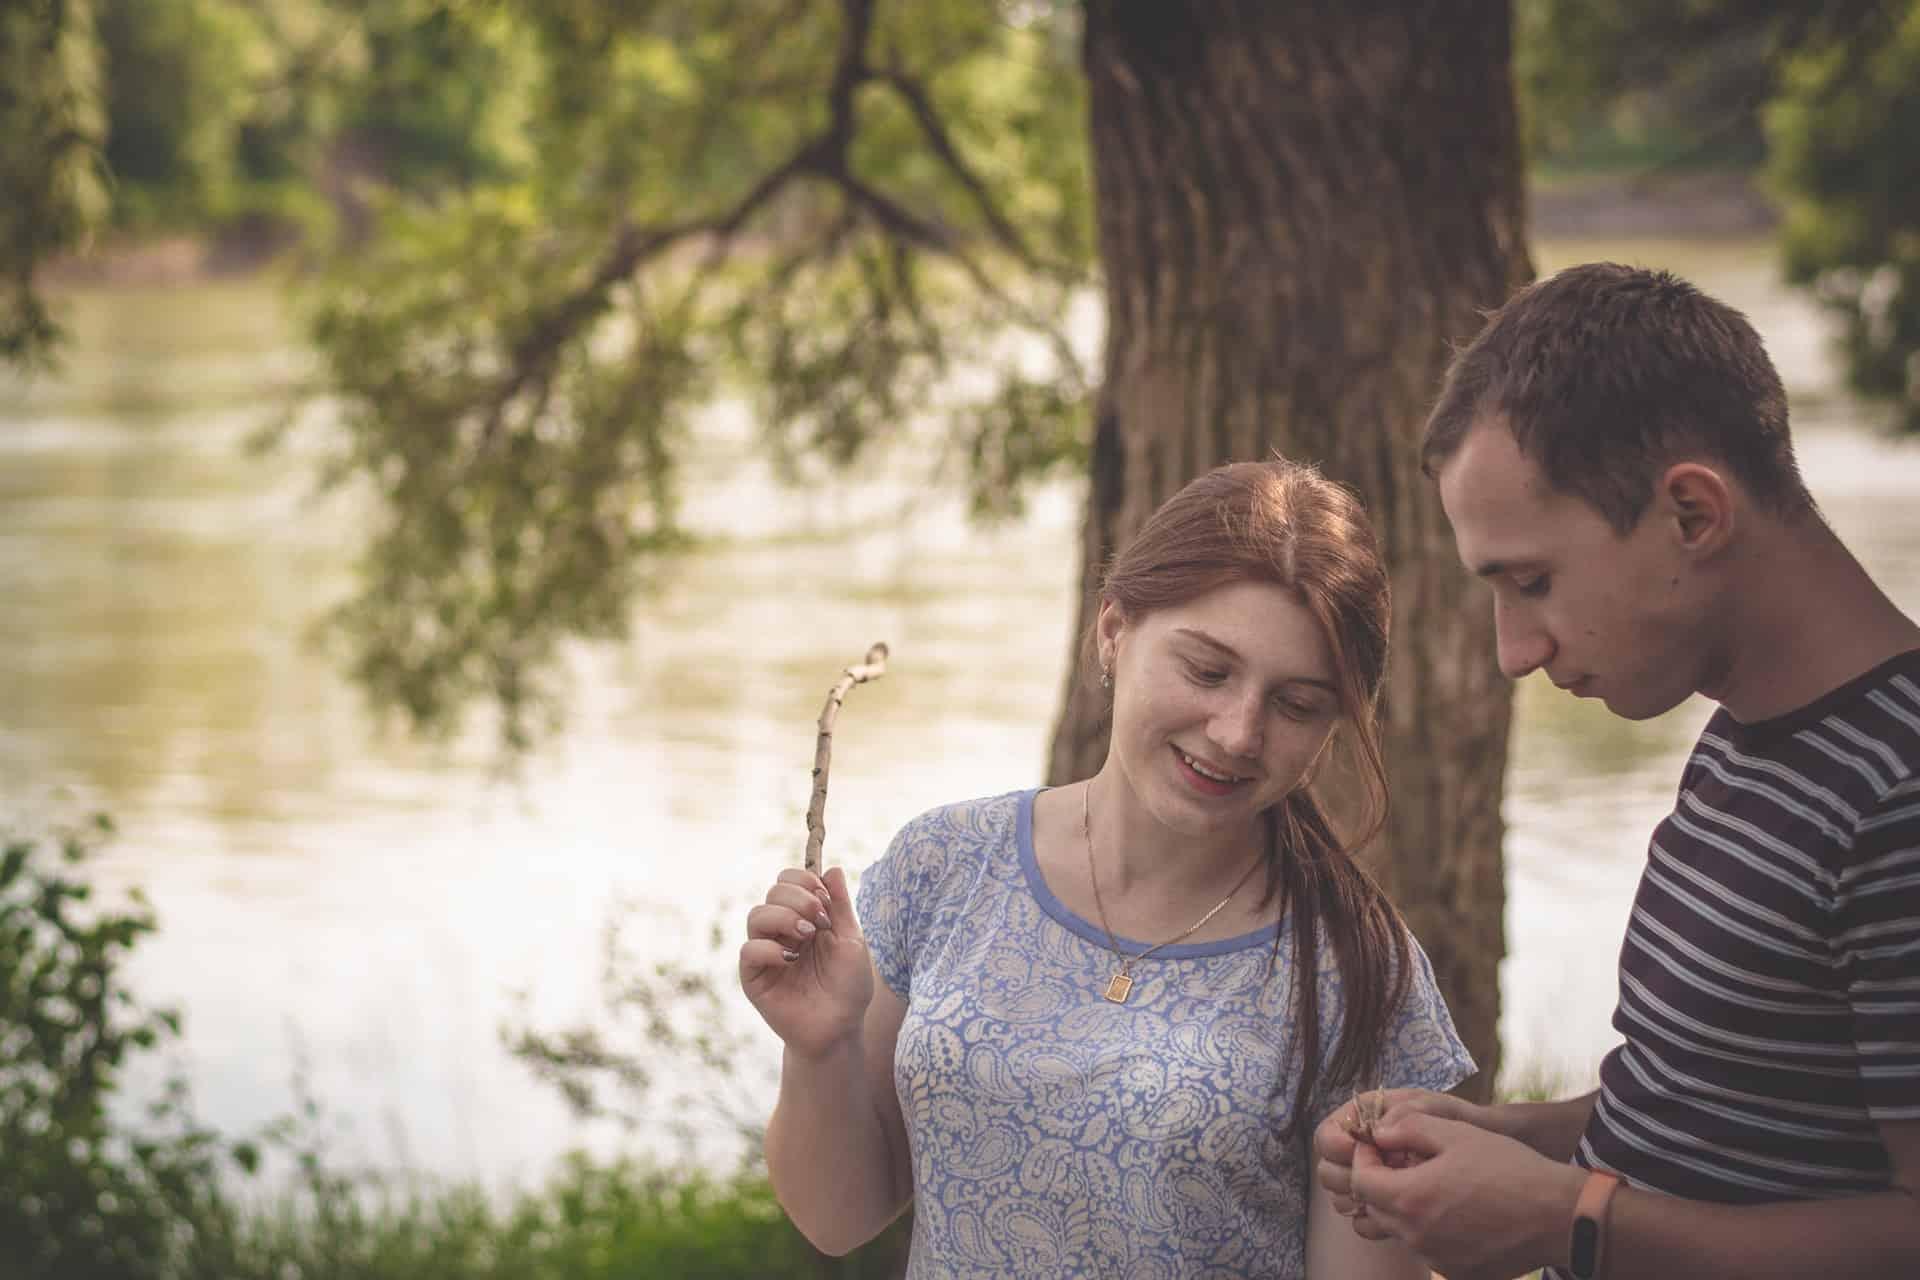 Mann und Frau stehen in der Natur